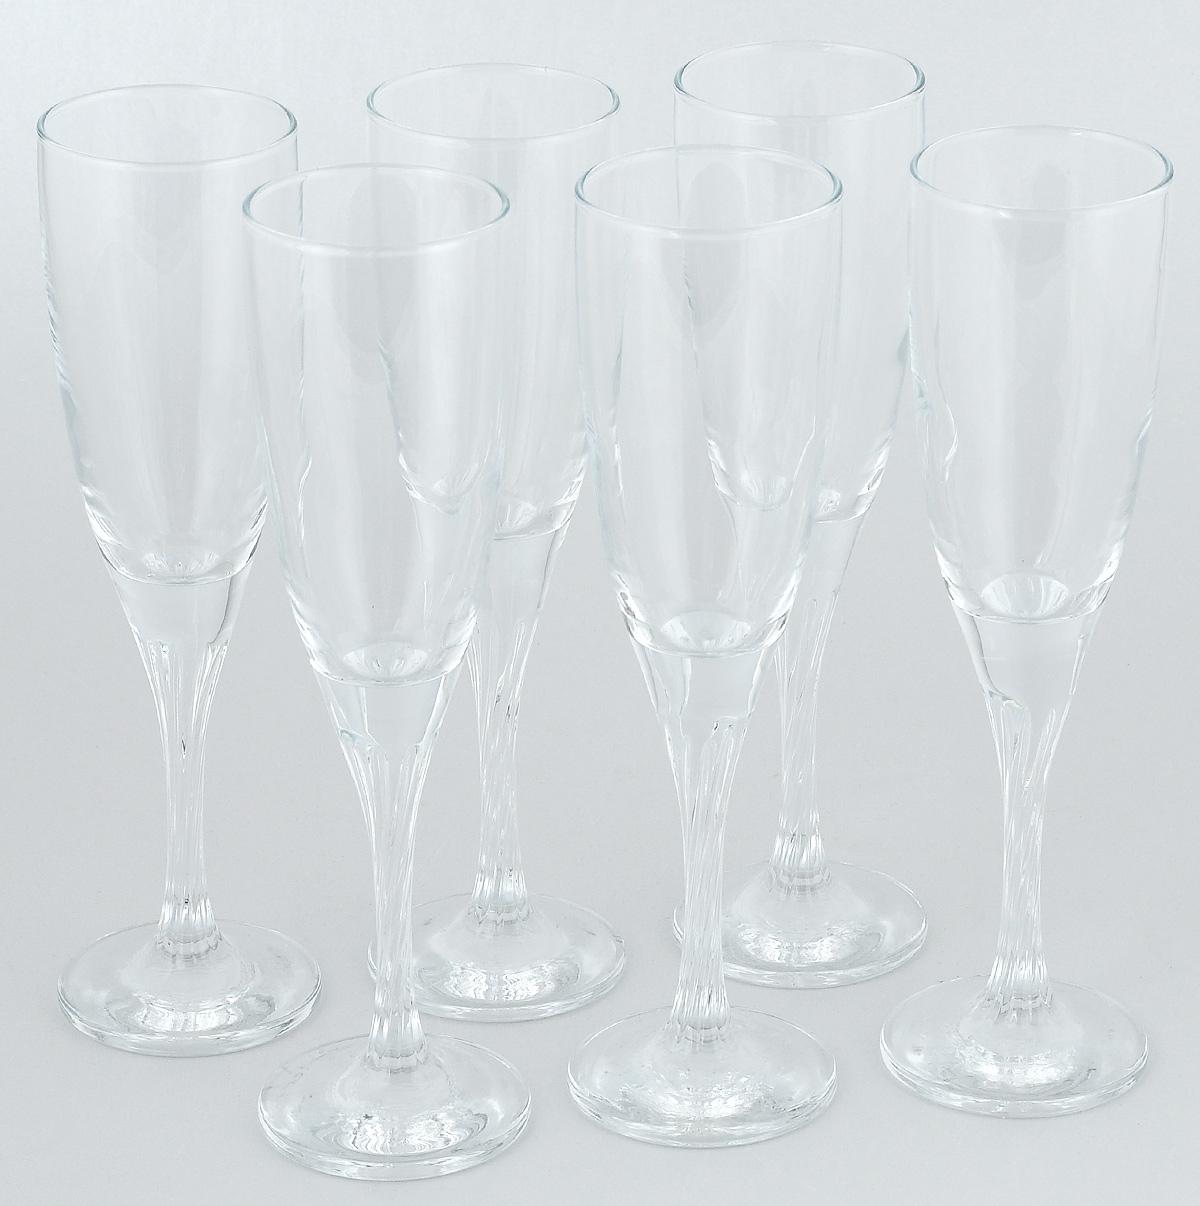 """Набор Pasabahce """"Twist"""" состоит  из шести классических фужеров, выполненных из  прочного стекла. Изделия  оснащены высокими ножками и предназначены  для подачи шампанского. Они сочетают в себе элегантный дизайн и  функциональность. Набор фужеров Pasabahce """"Twist"""" прекрасно  оформит праздничный стол  и создаст приятную атмосферу за  романтическим ужином. Такой набор также станет  хорошим подарком к любому случаю."""